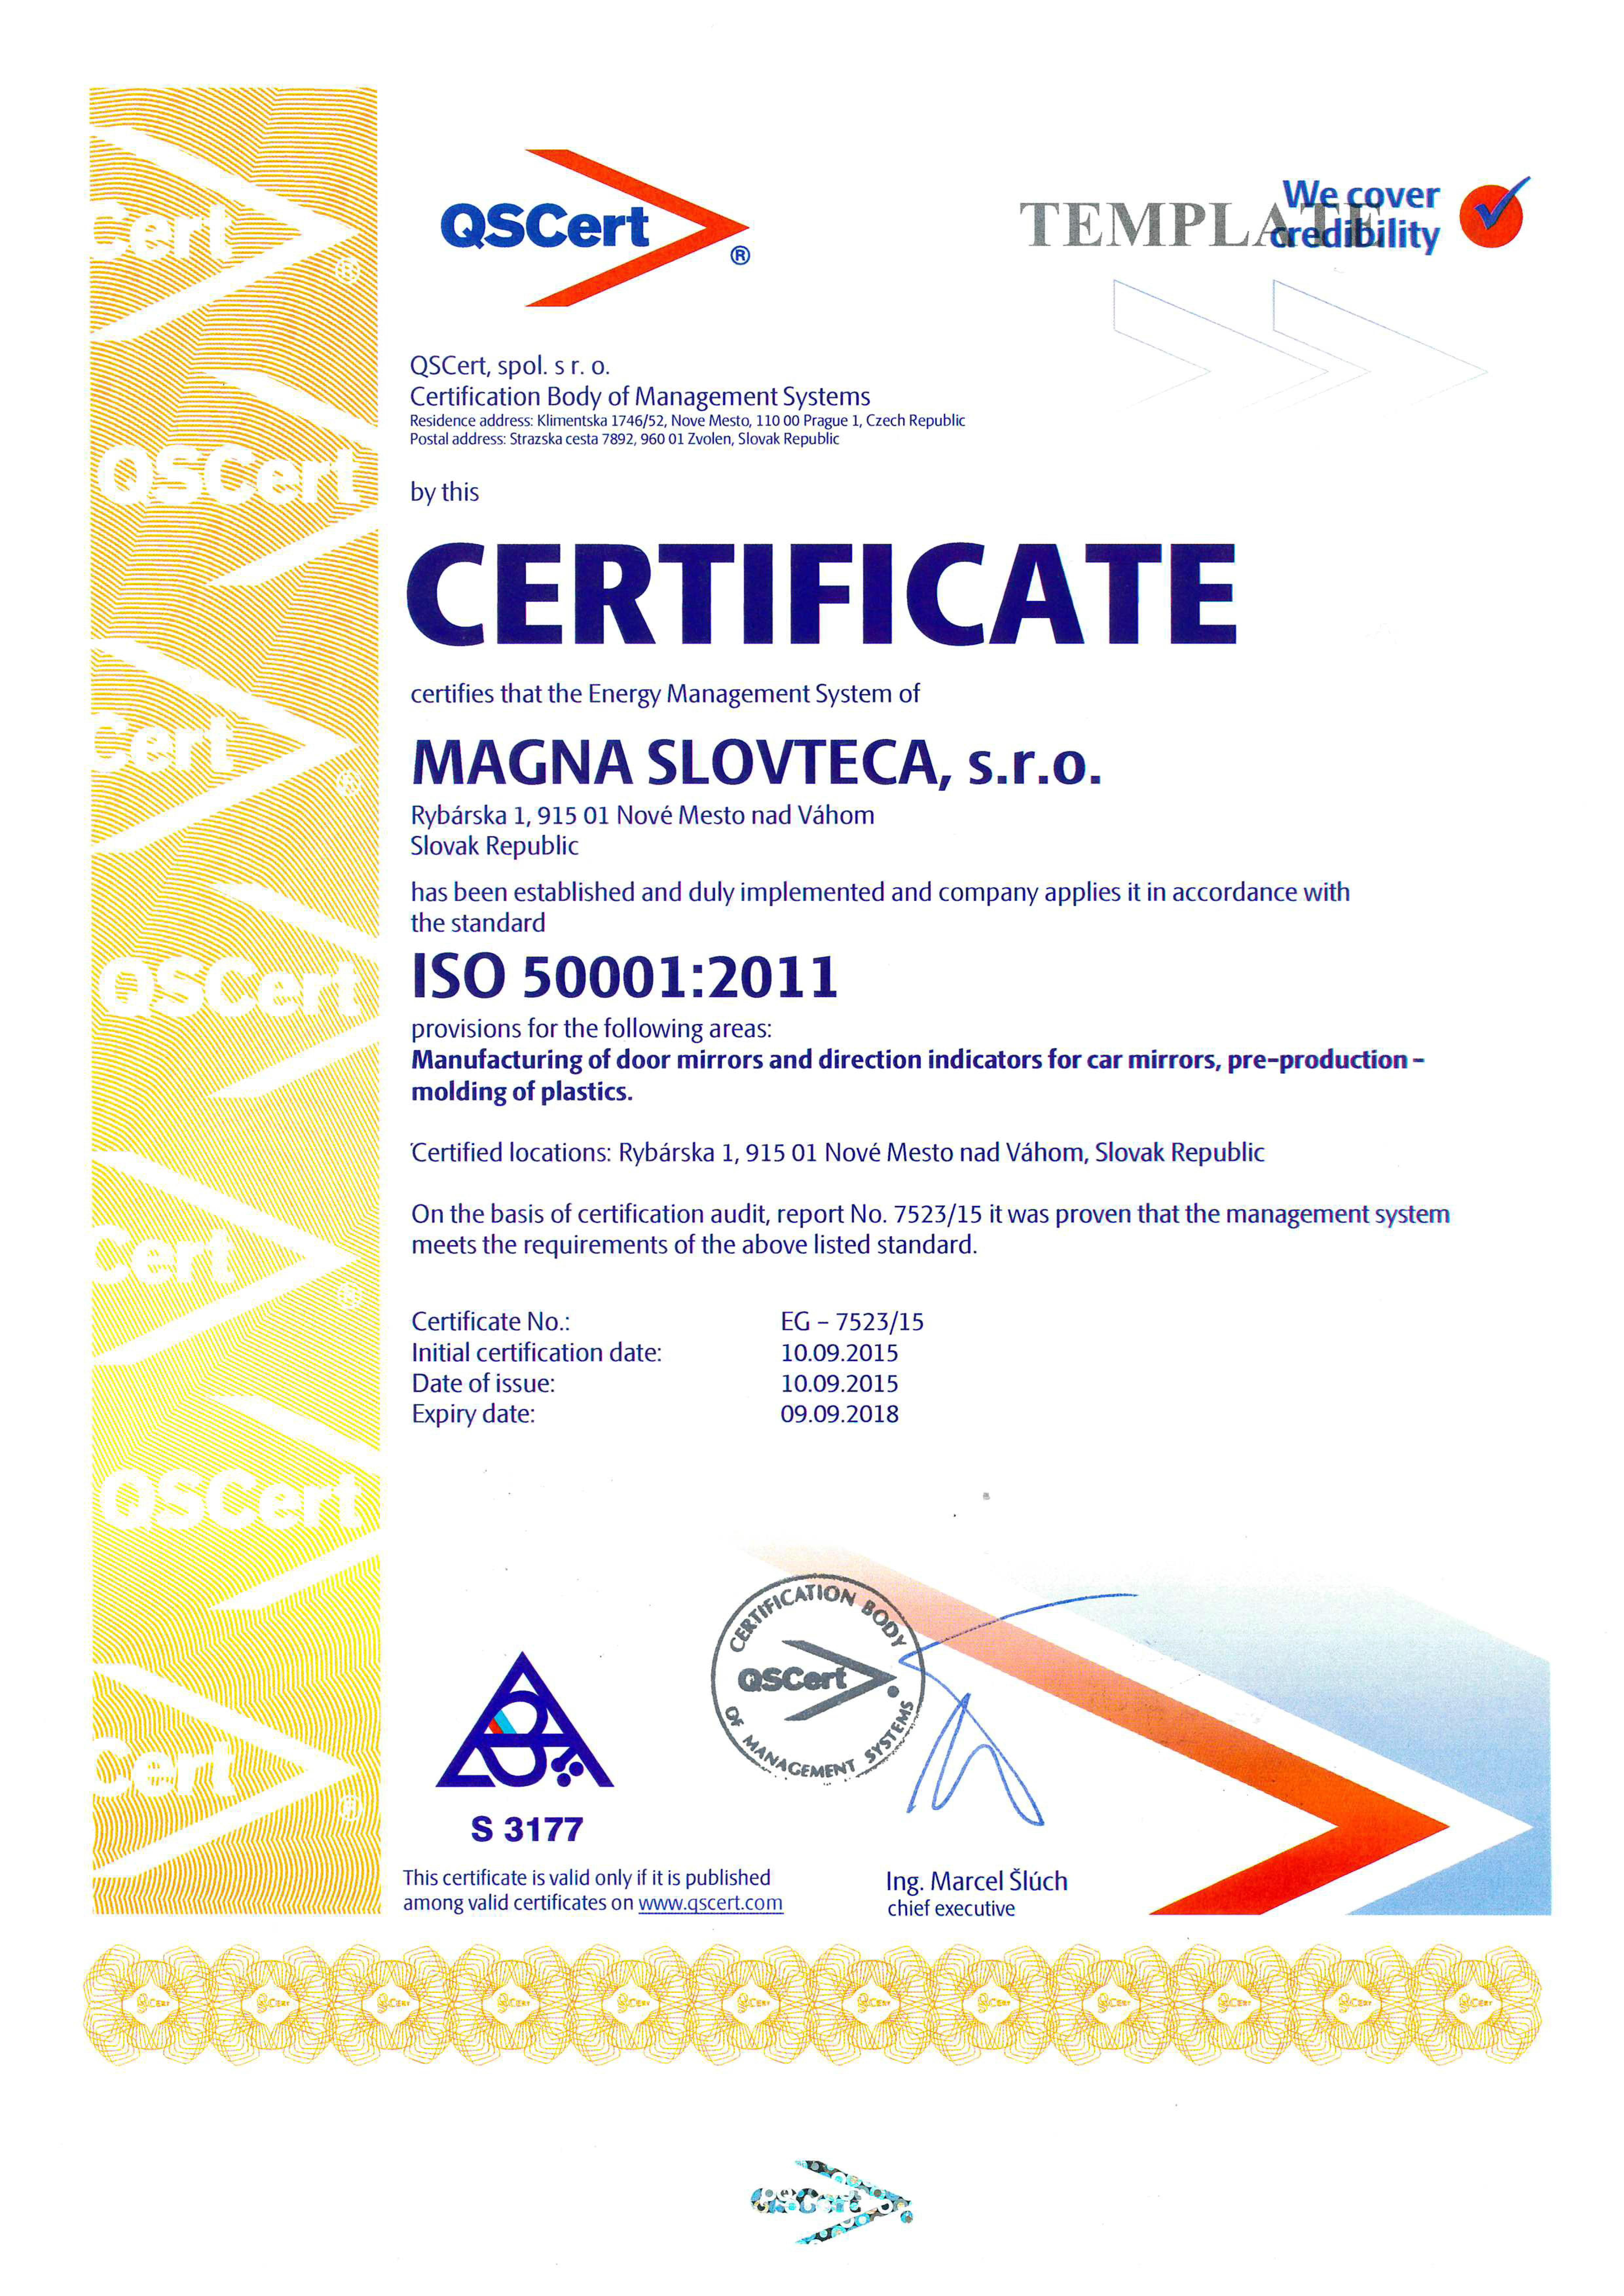 Qscert South Africa Fssc Food Safety Gfsi Dean Dreyden Haccp